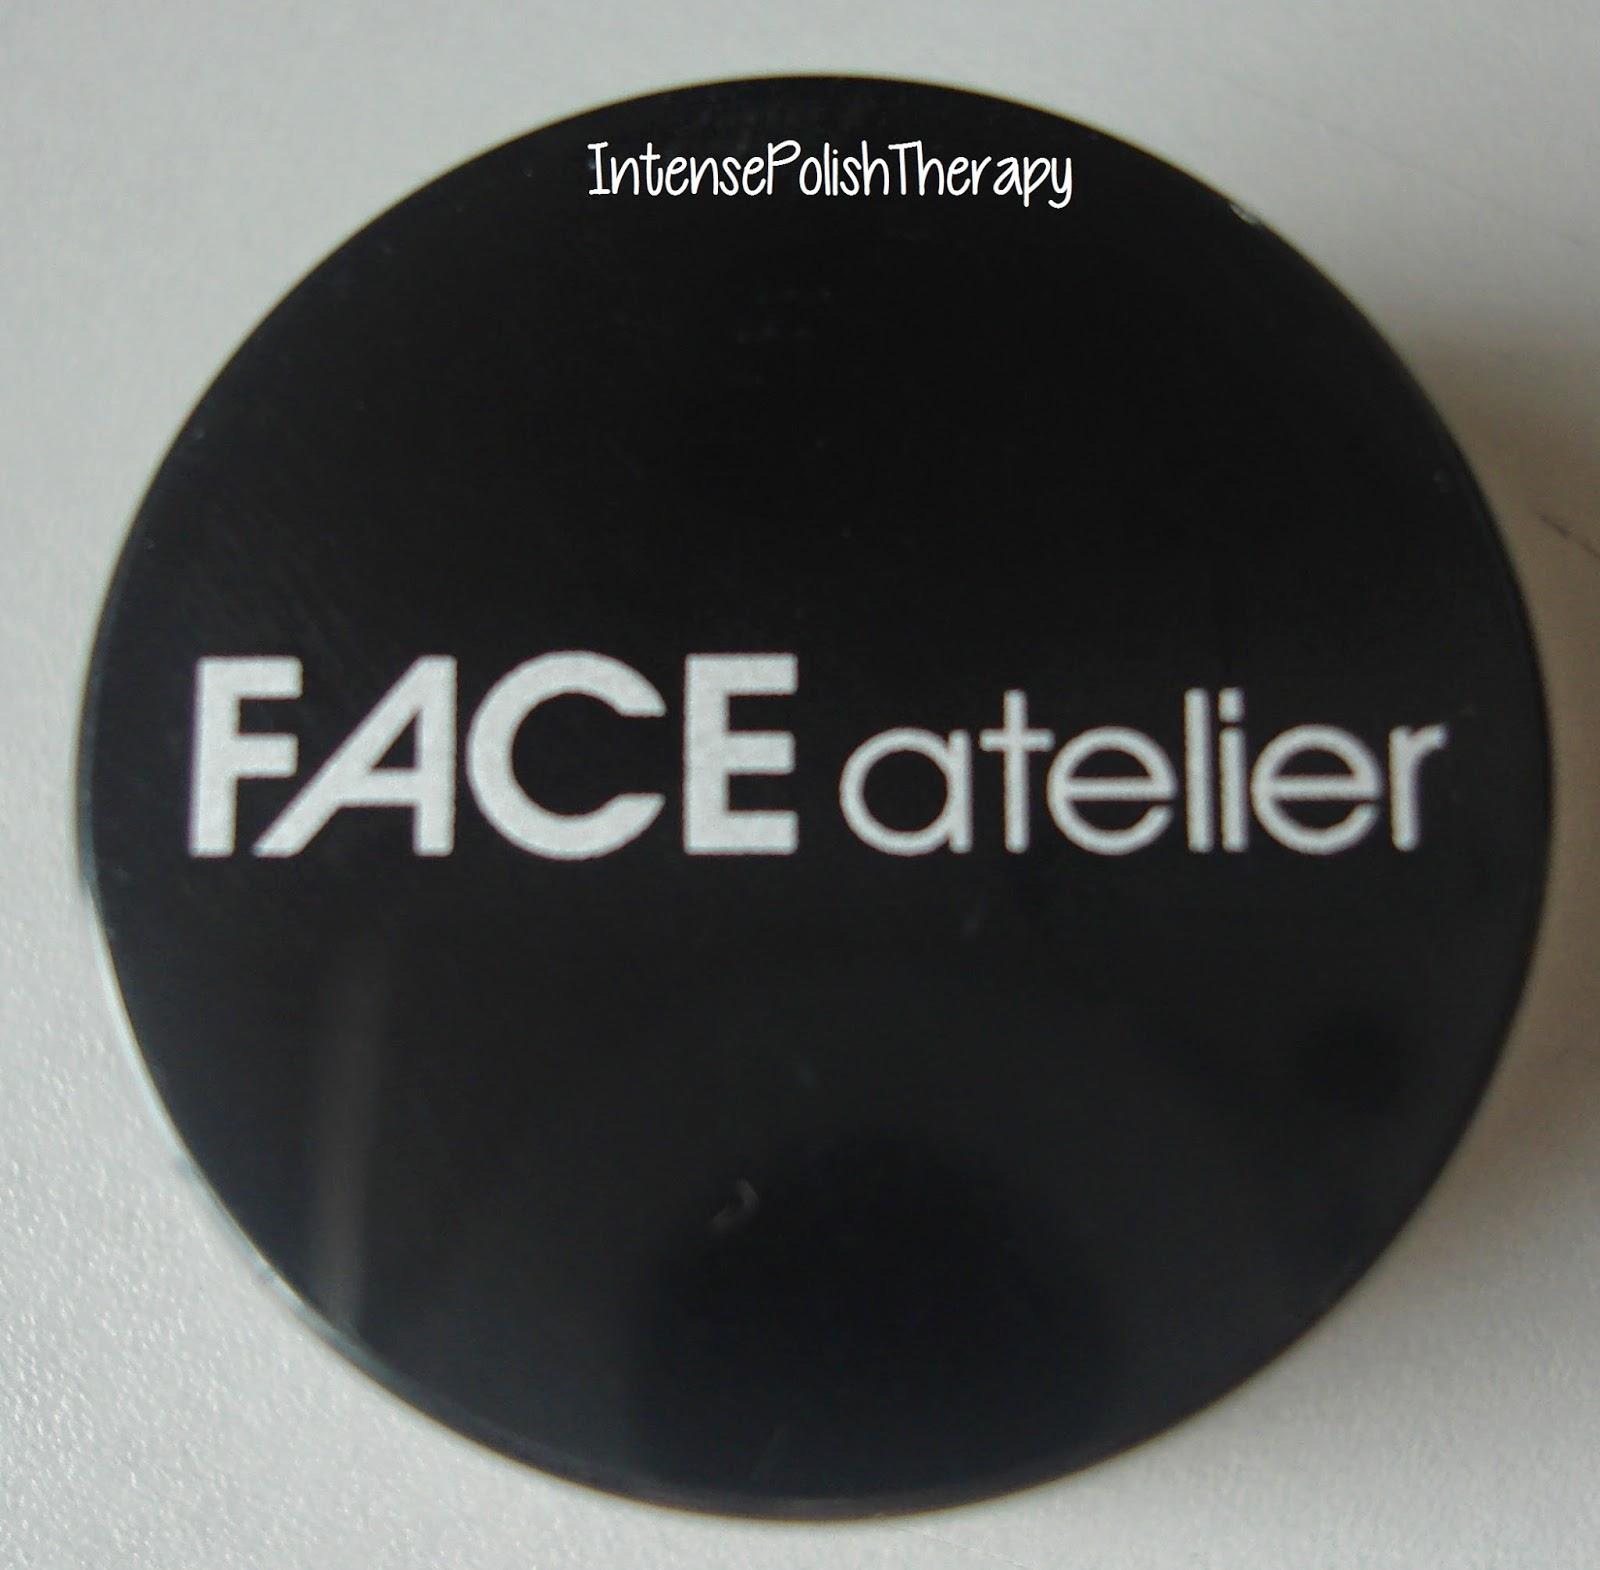 Face Atelier Lip Glaze - Pixie